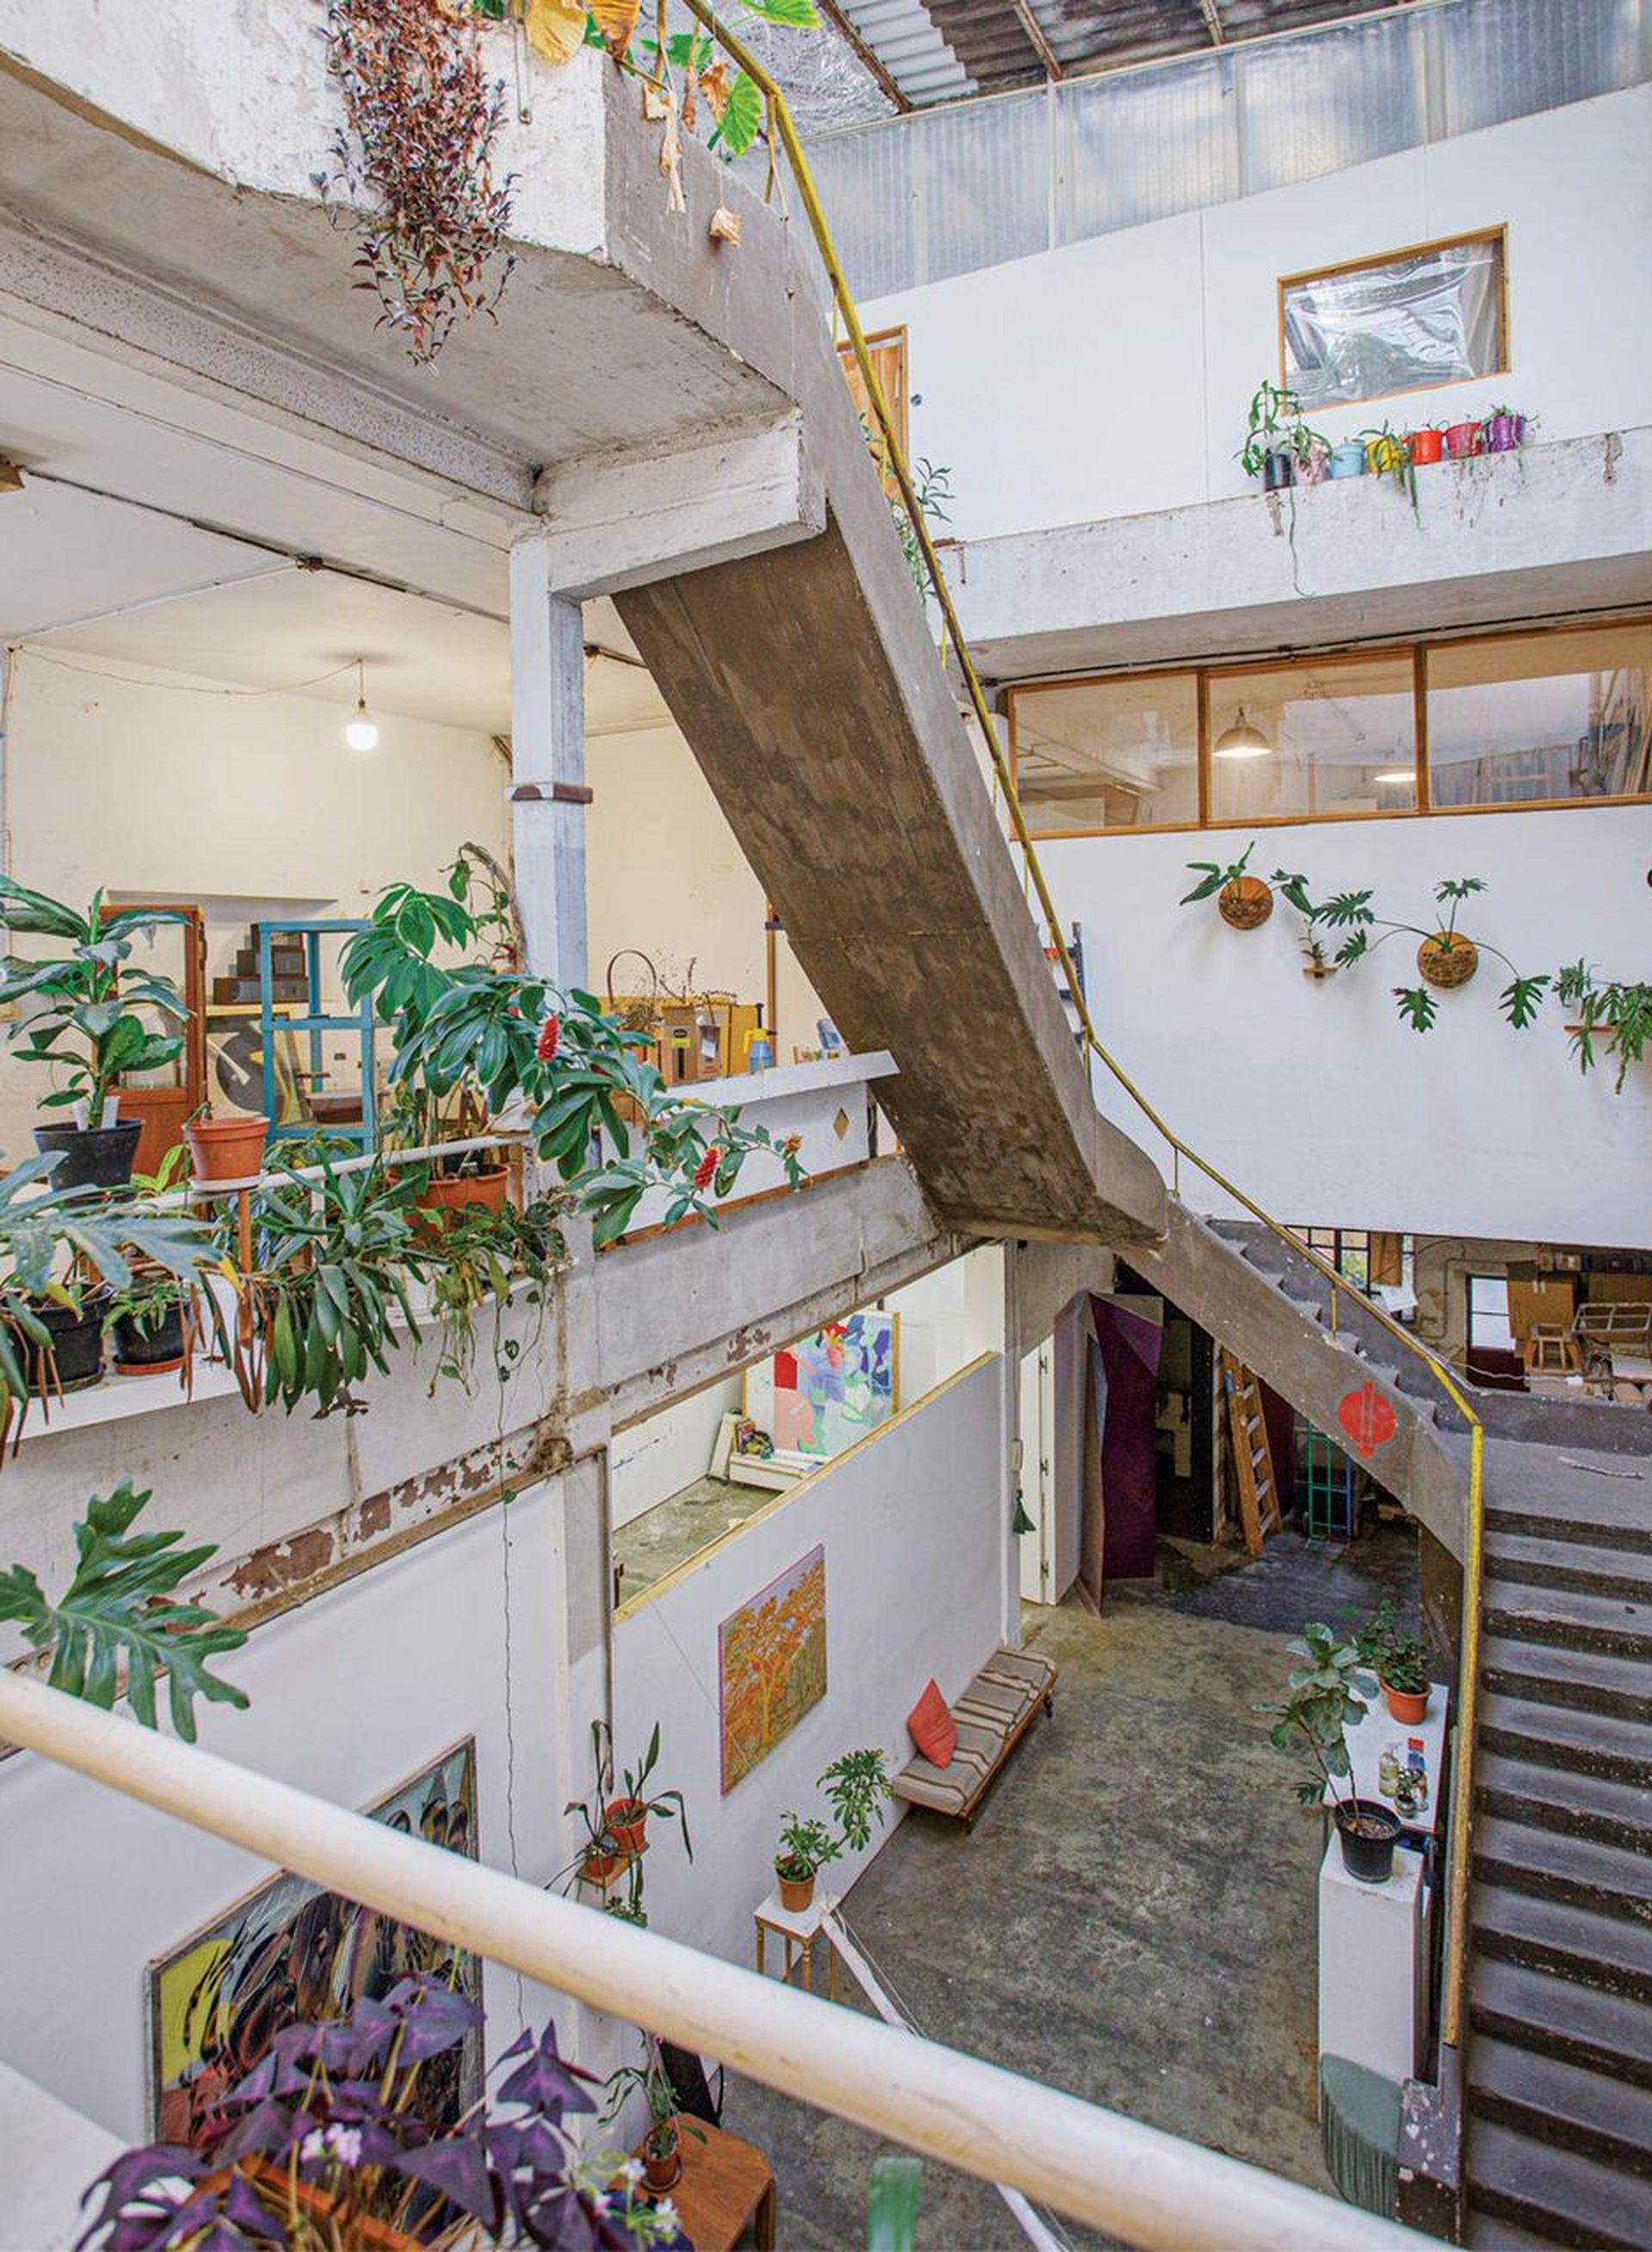 Los espacios comunes de Maturín, taller de artistas alojado en una antigua fábrica de muebles en Paternal